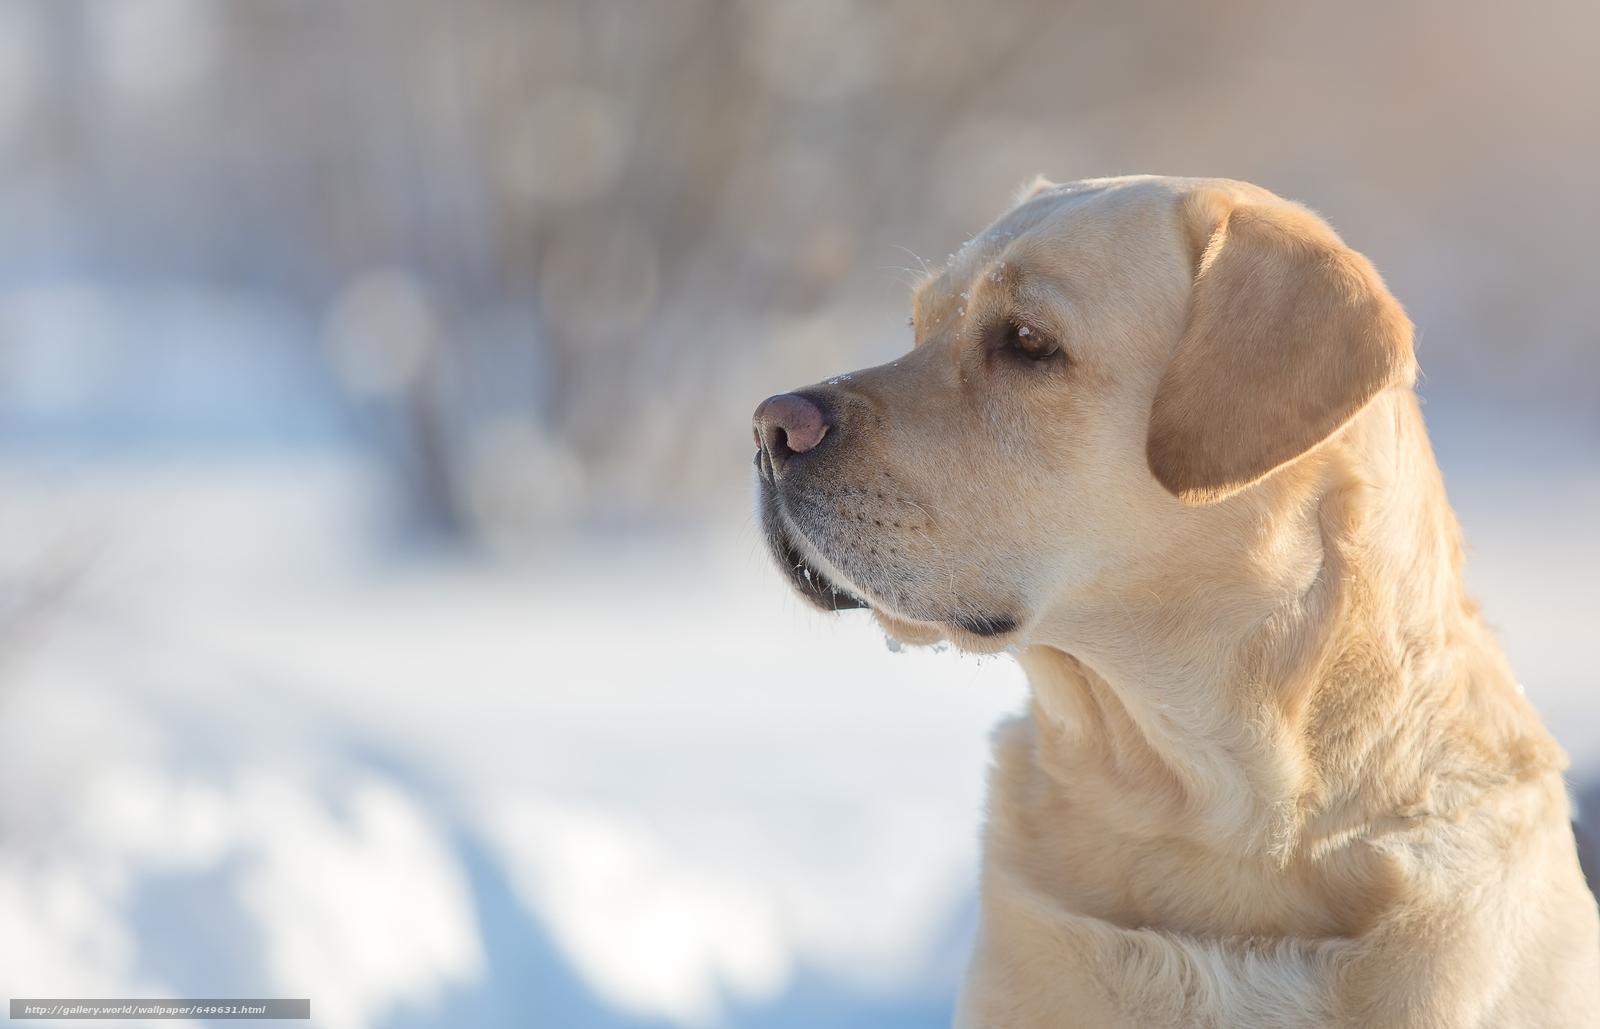 Скачать обои Лабрадор-ретривер,  собака,  пёс,  морда бесплатно для рабочего стола в разрешении 5063x3255 — картинка №649631